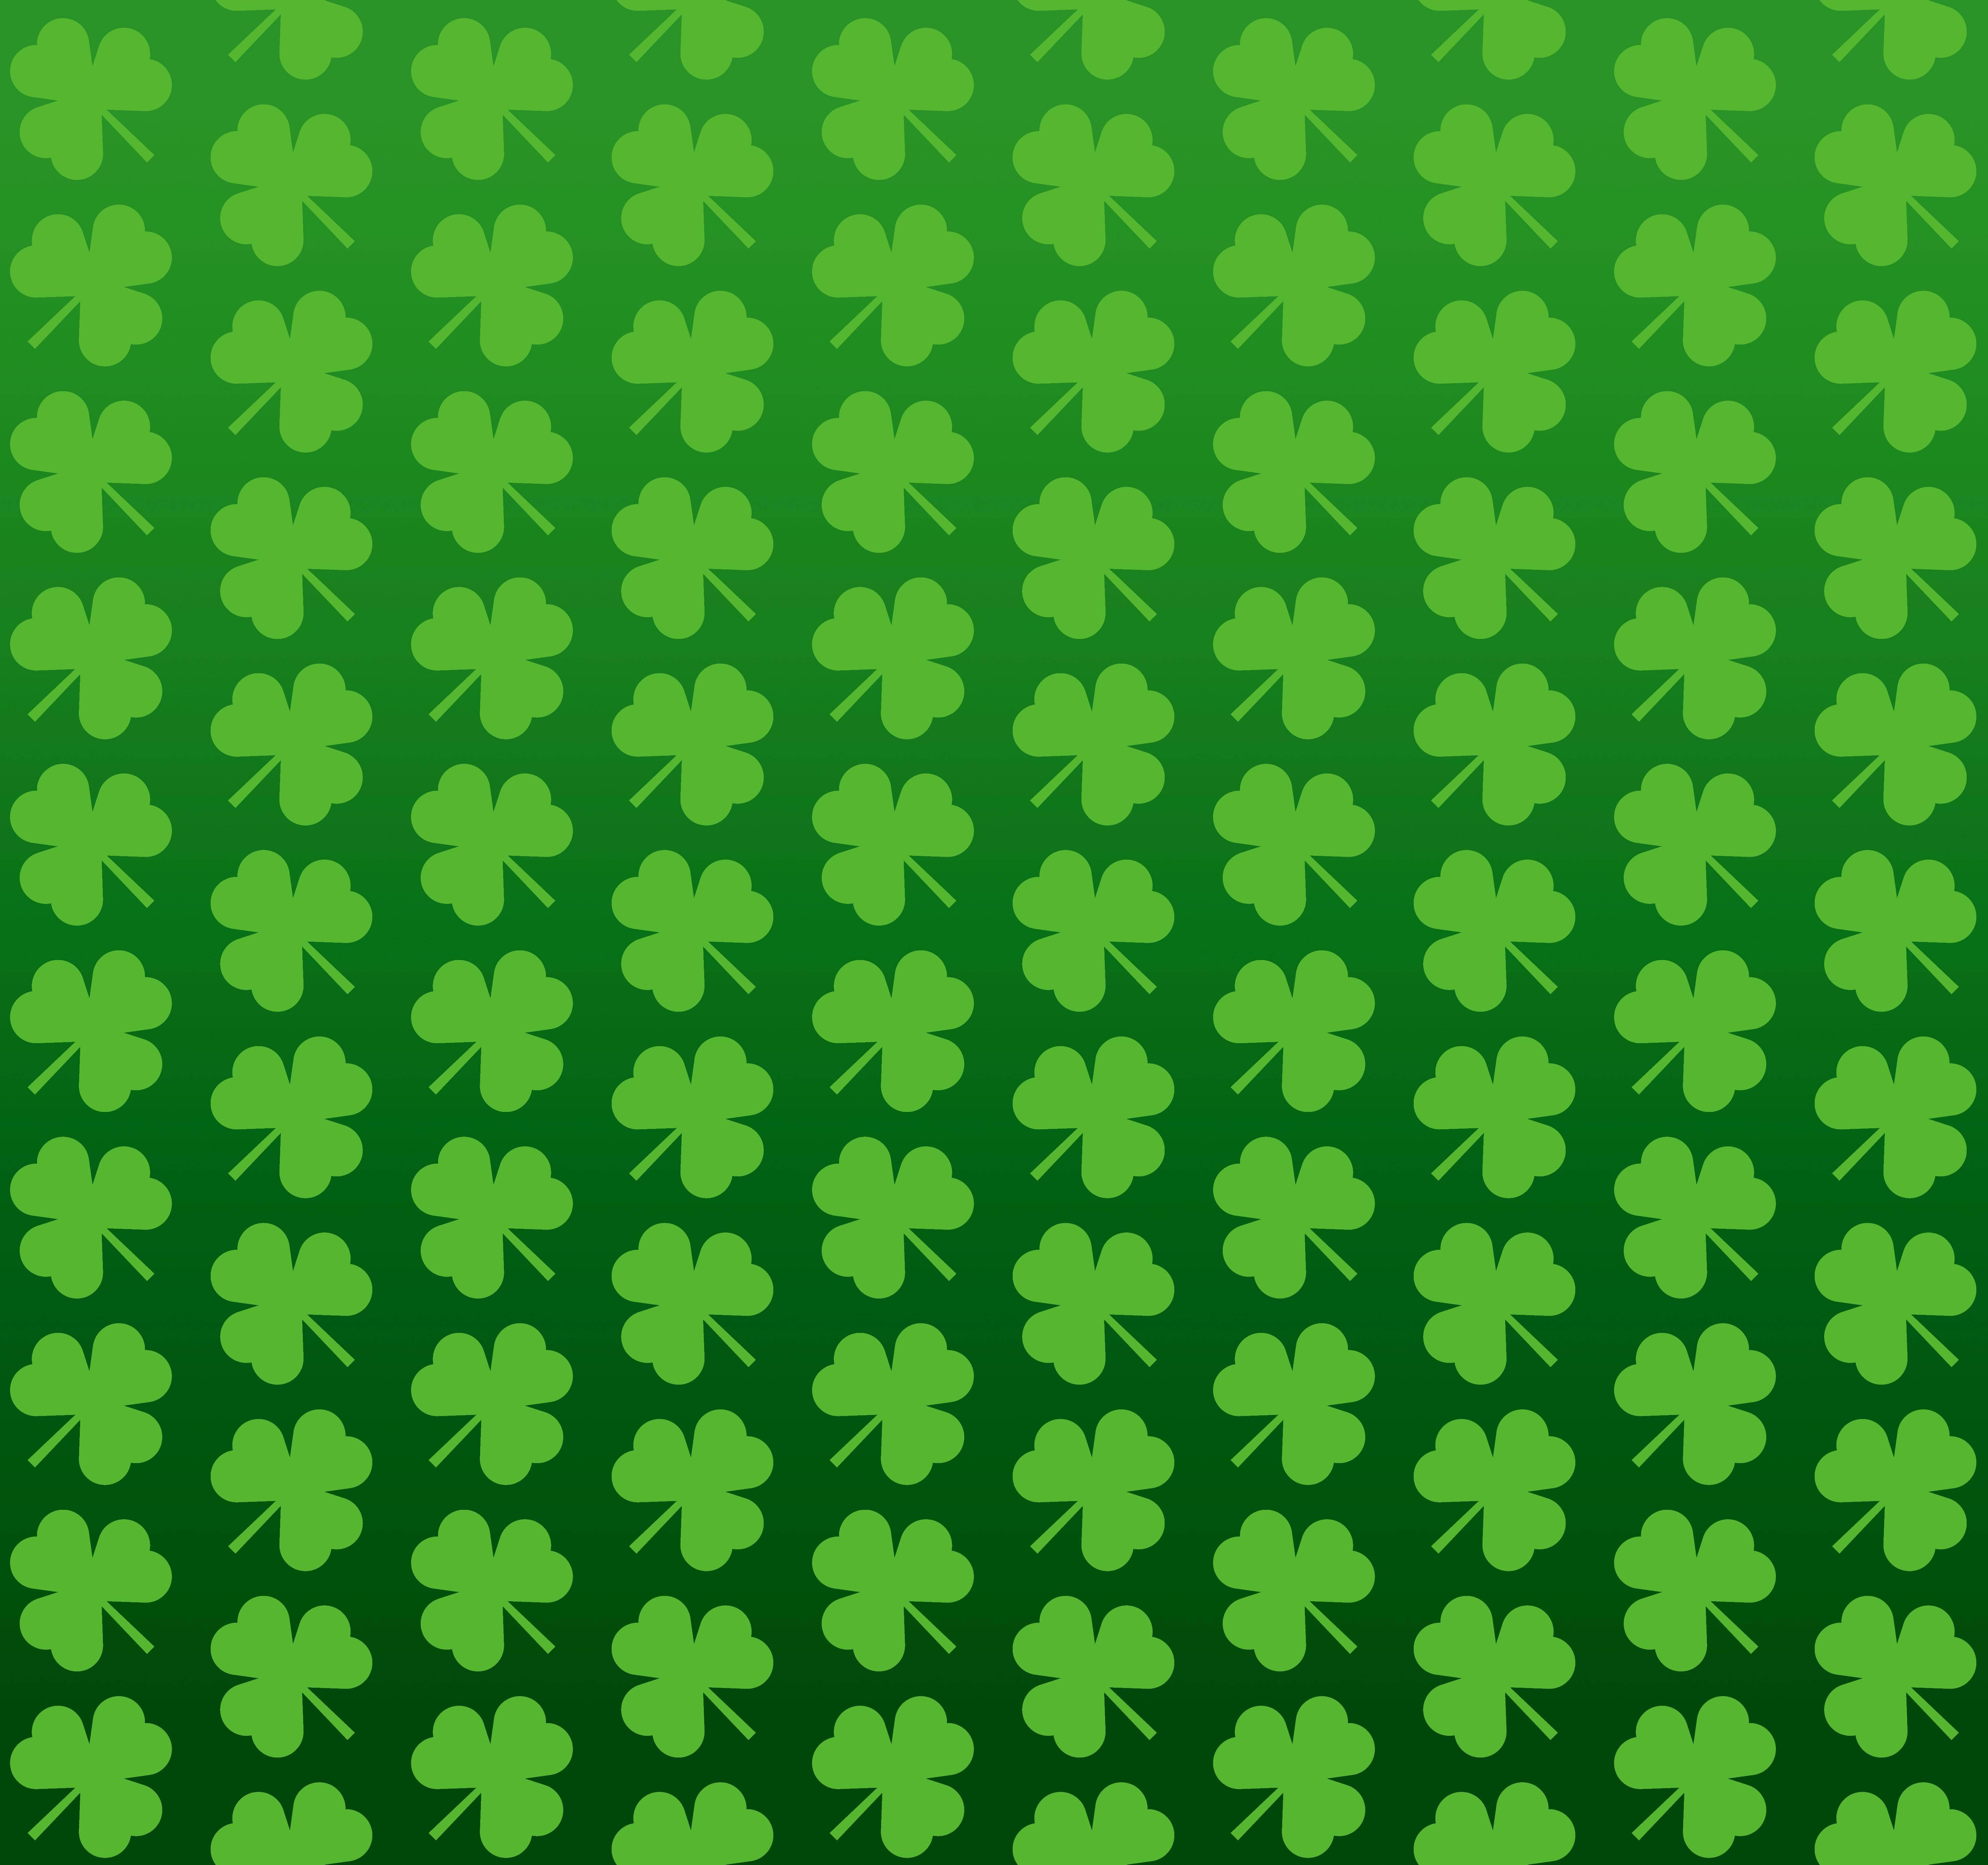 St Patricks Day Backgrounds 5954x5587